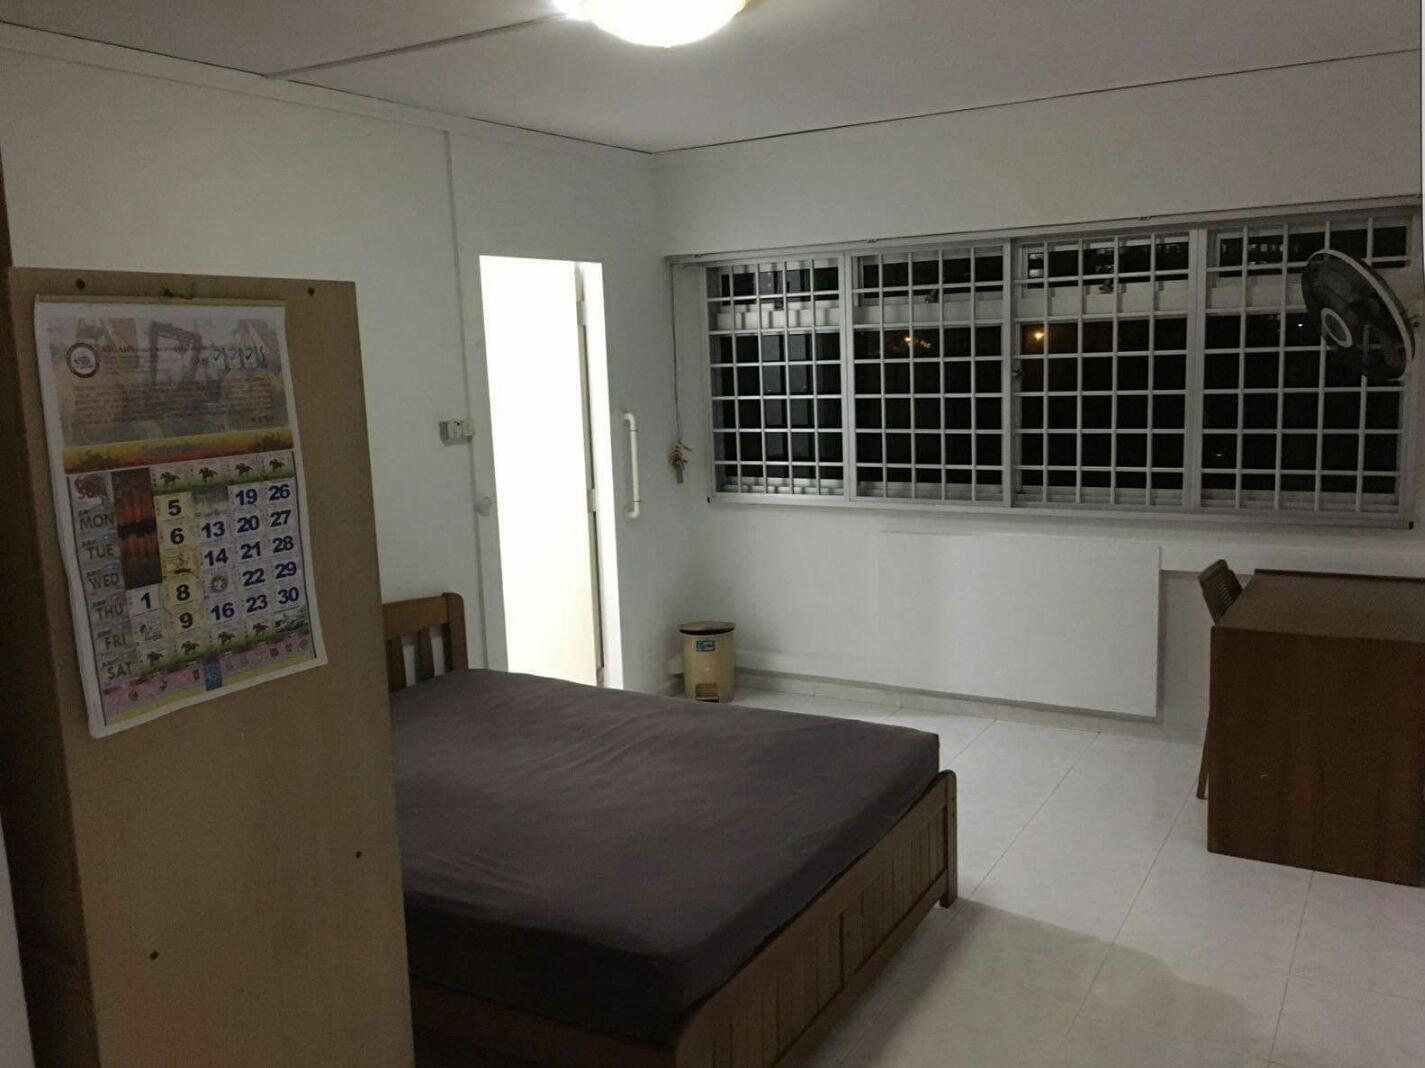 516 Choa Chu Kang Street 51 516 Choa Chu Kang Street 51 3 Bedrooms 1323 Sqft Hdb Flats For